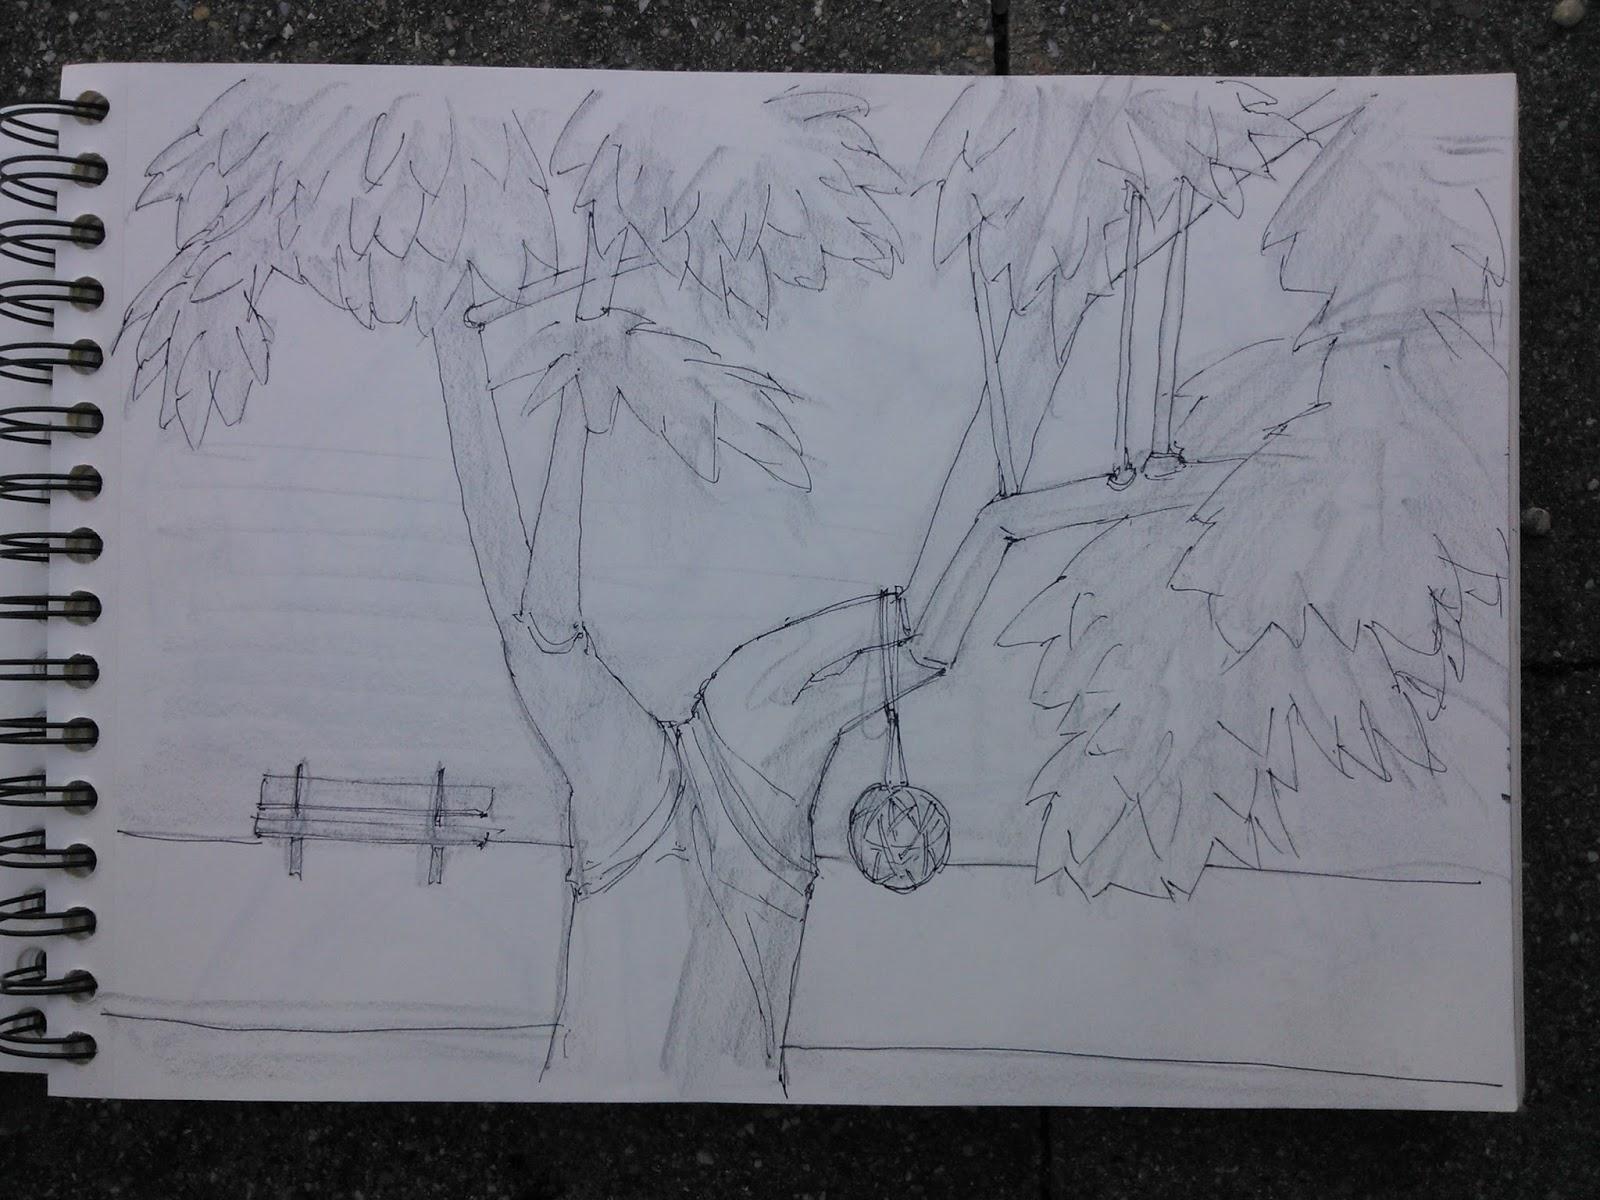 [SPOLYK] - Geometries & sketches WP_000313